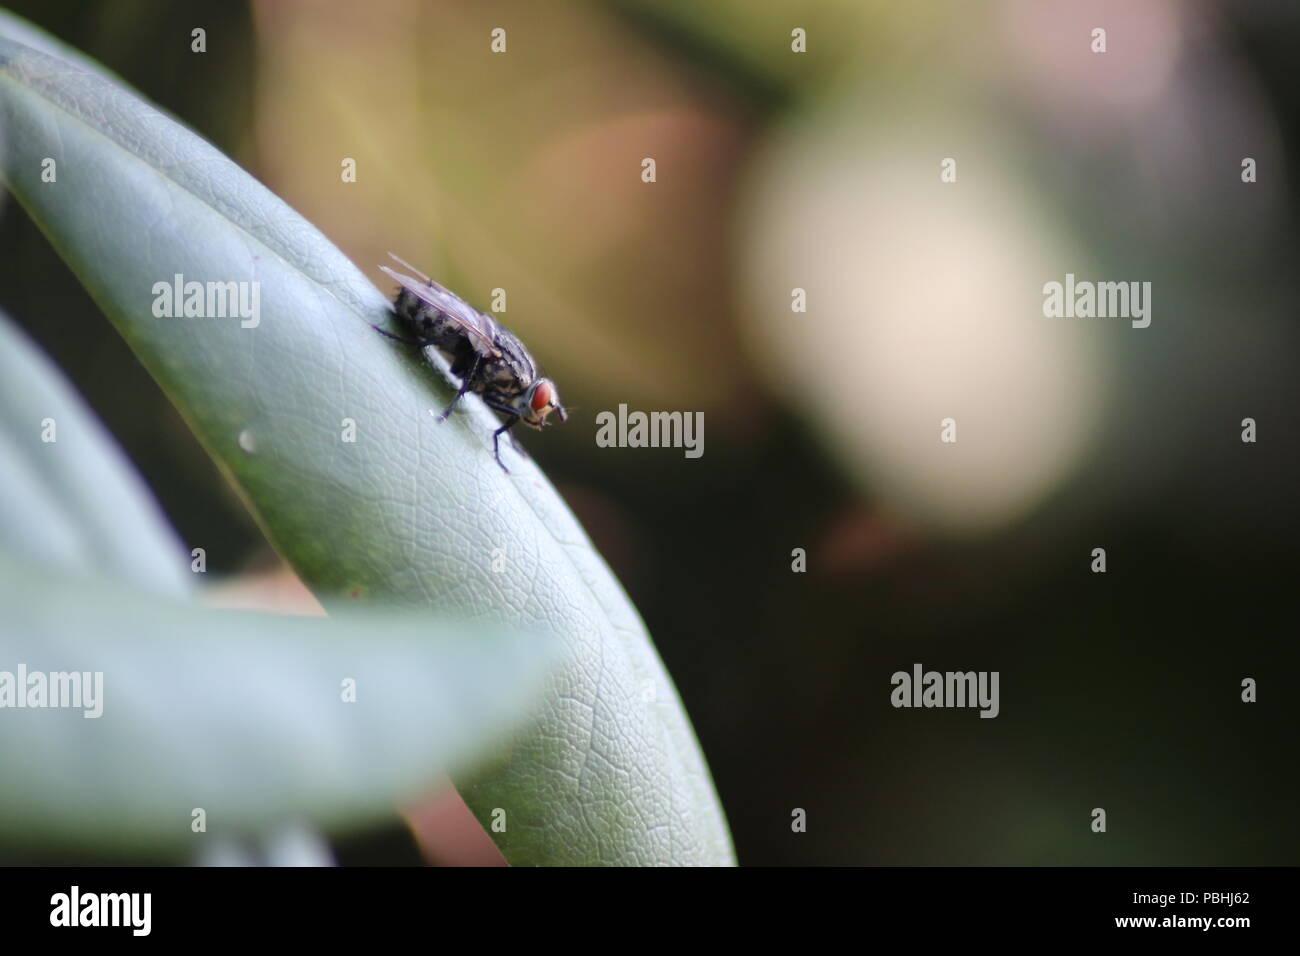 Fliege auf dem absteigenden Blatt Stock Photo